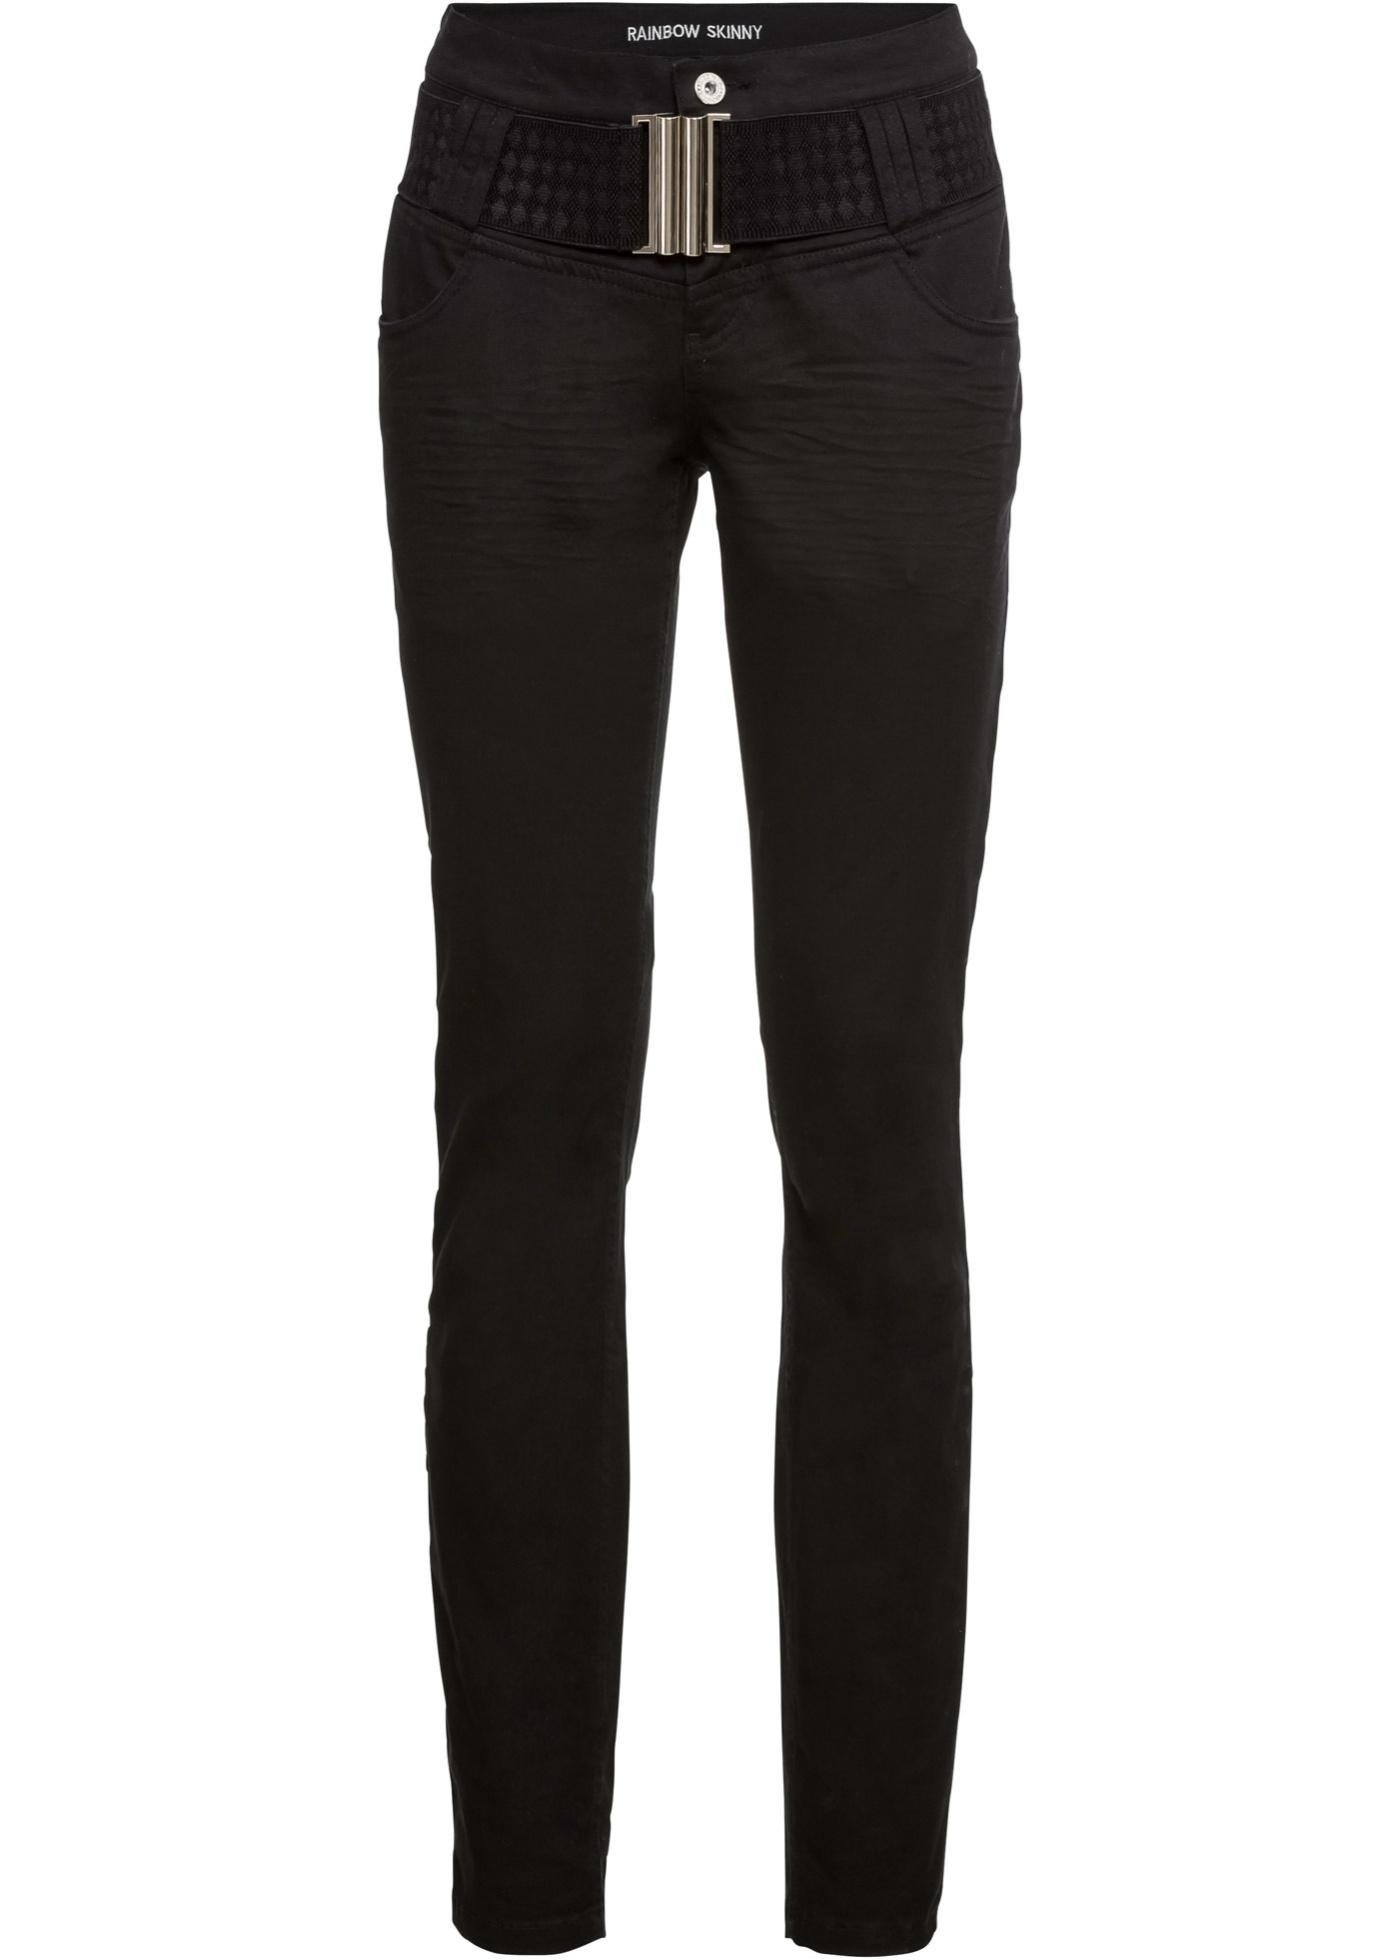 Damen bonprix Skinny Jeans mit Gürtel blau, schwarz   06937251299669